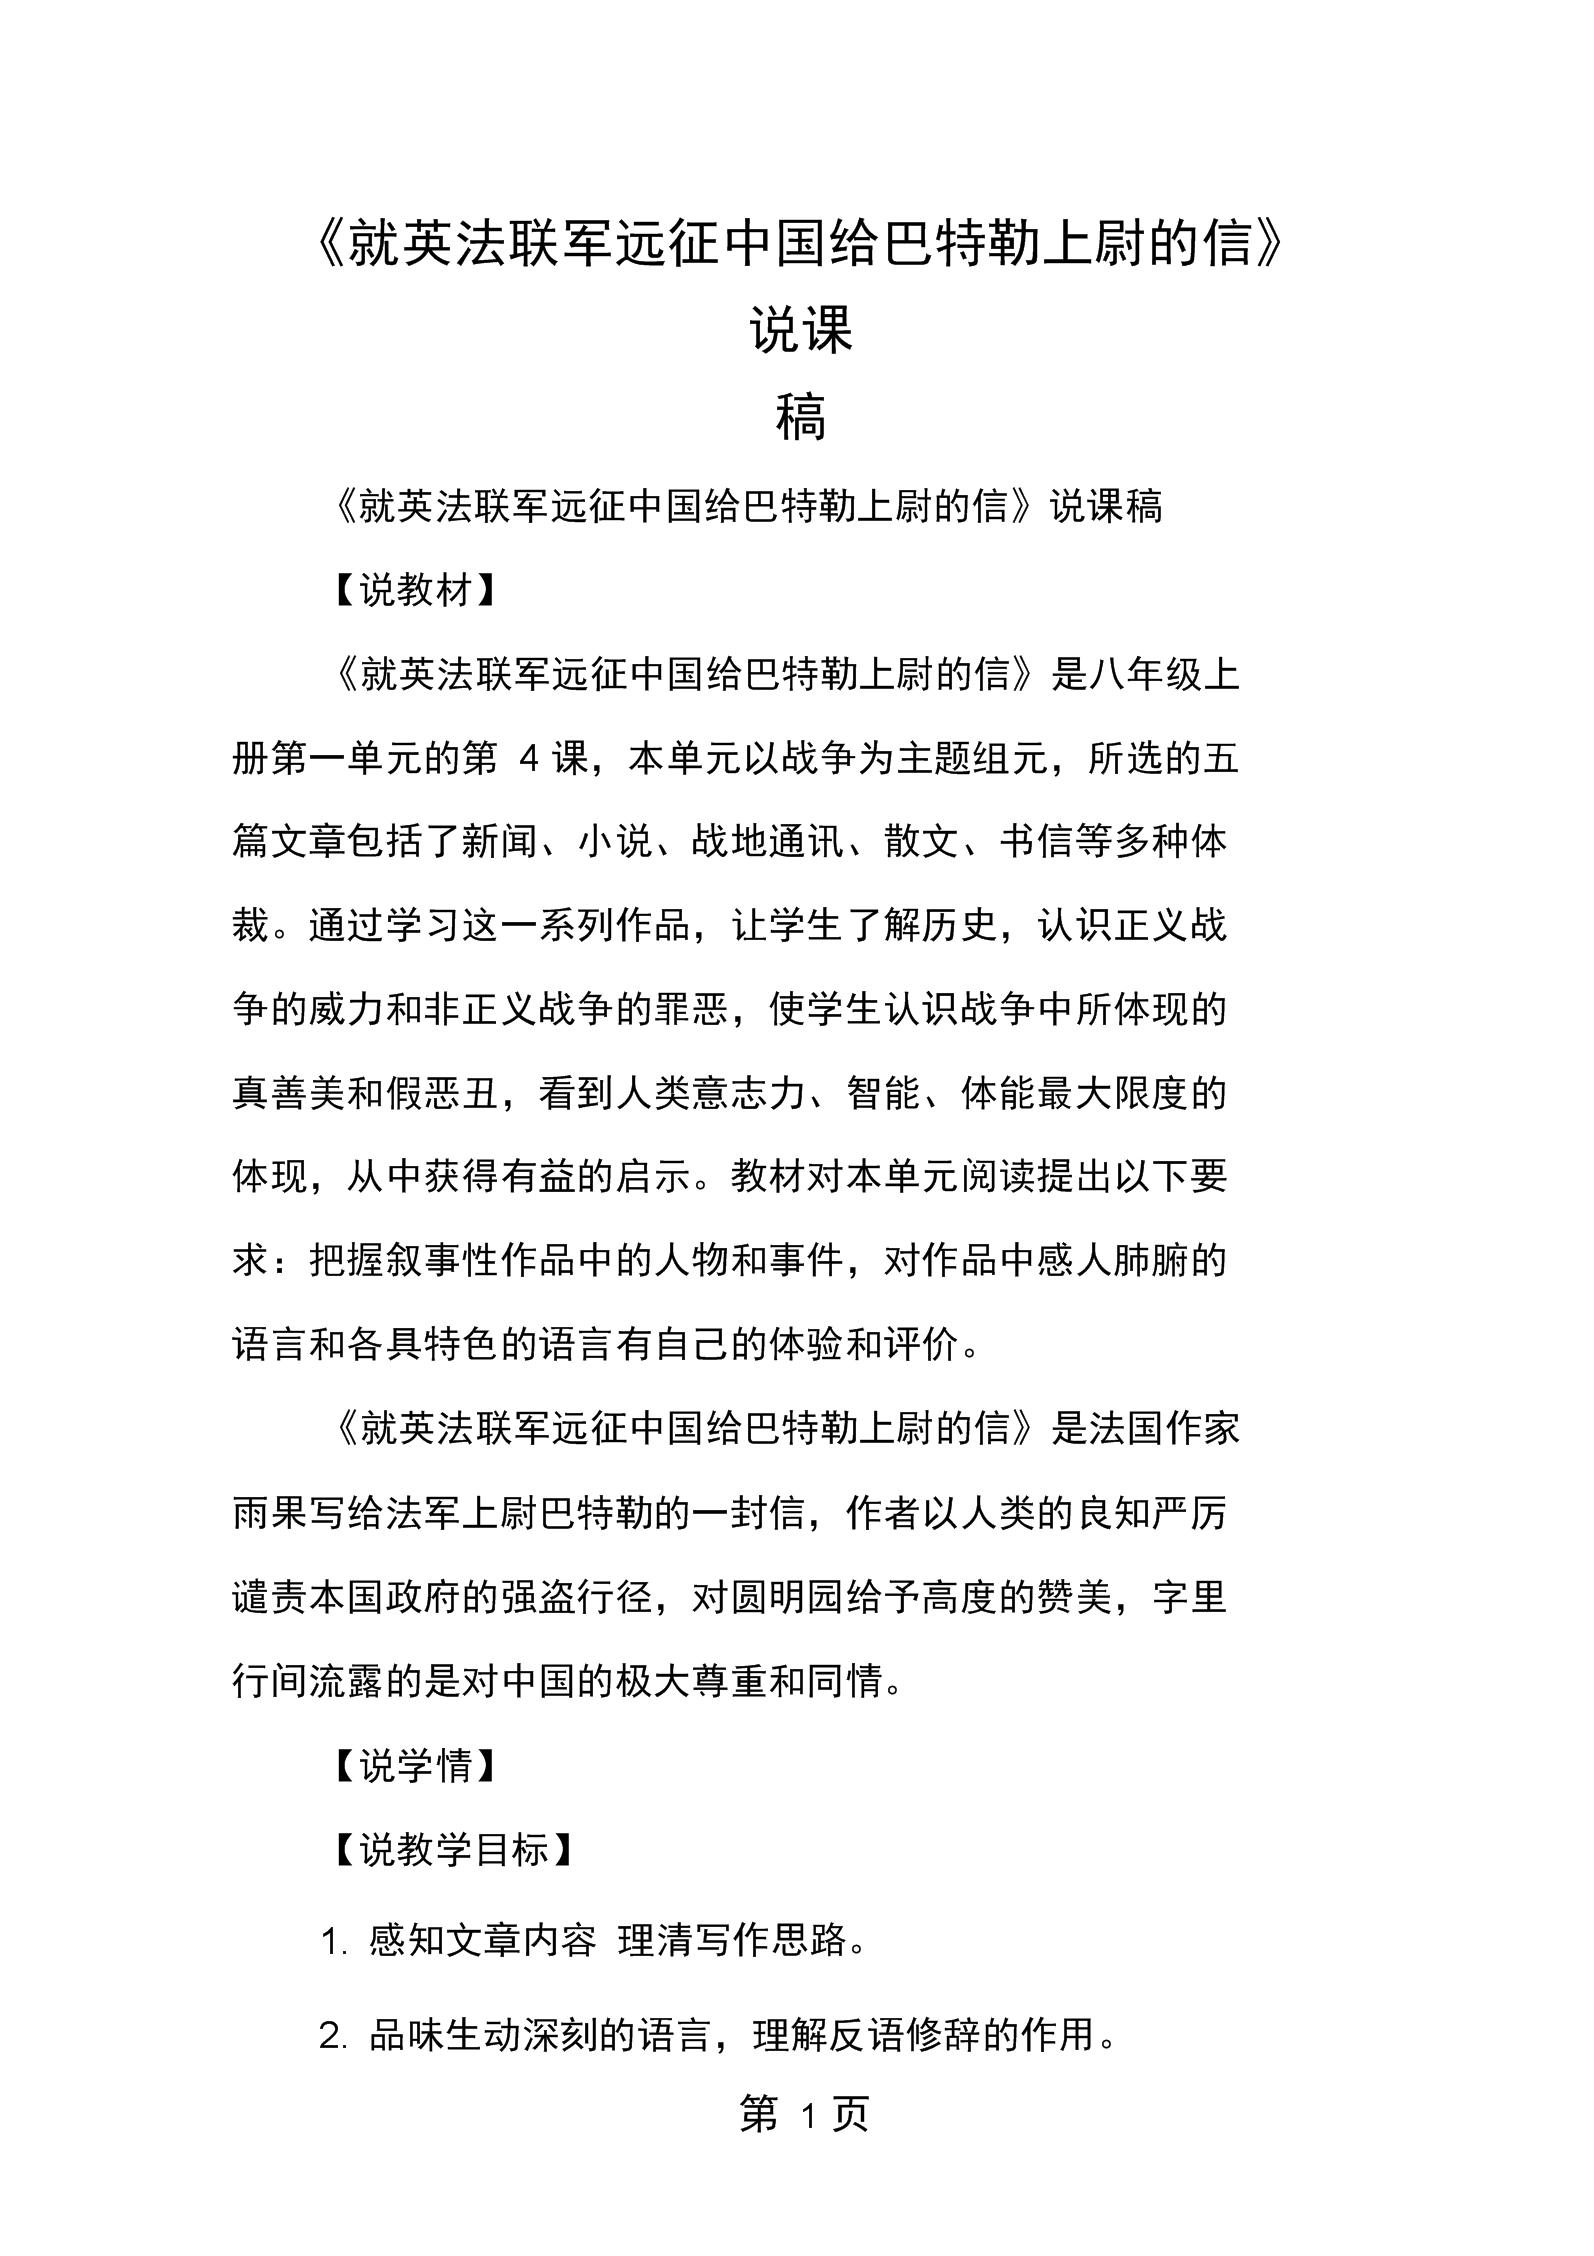 就英法联军远征中国给巴特勒上尉的信说课稿.docx